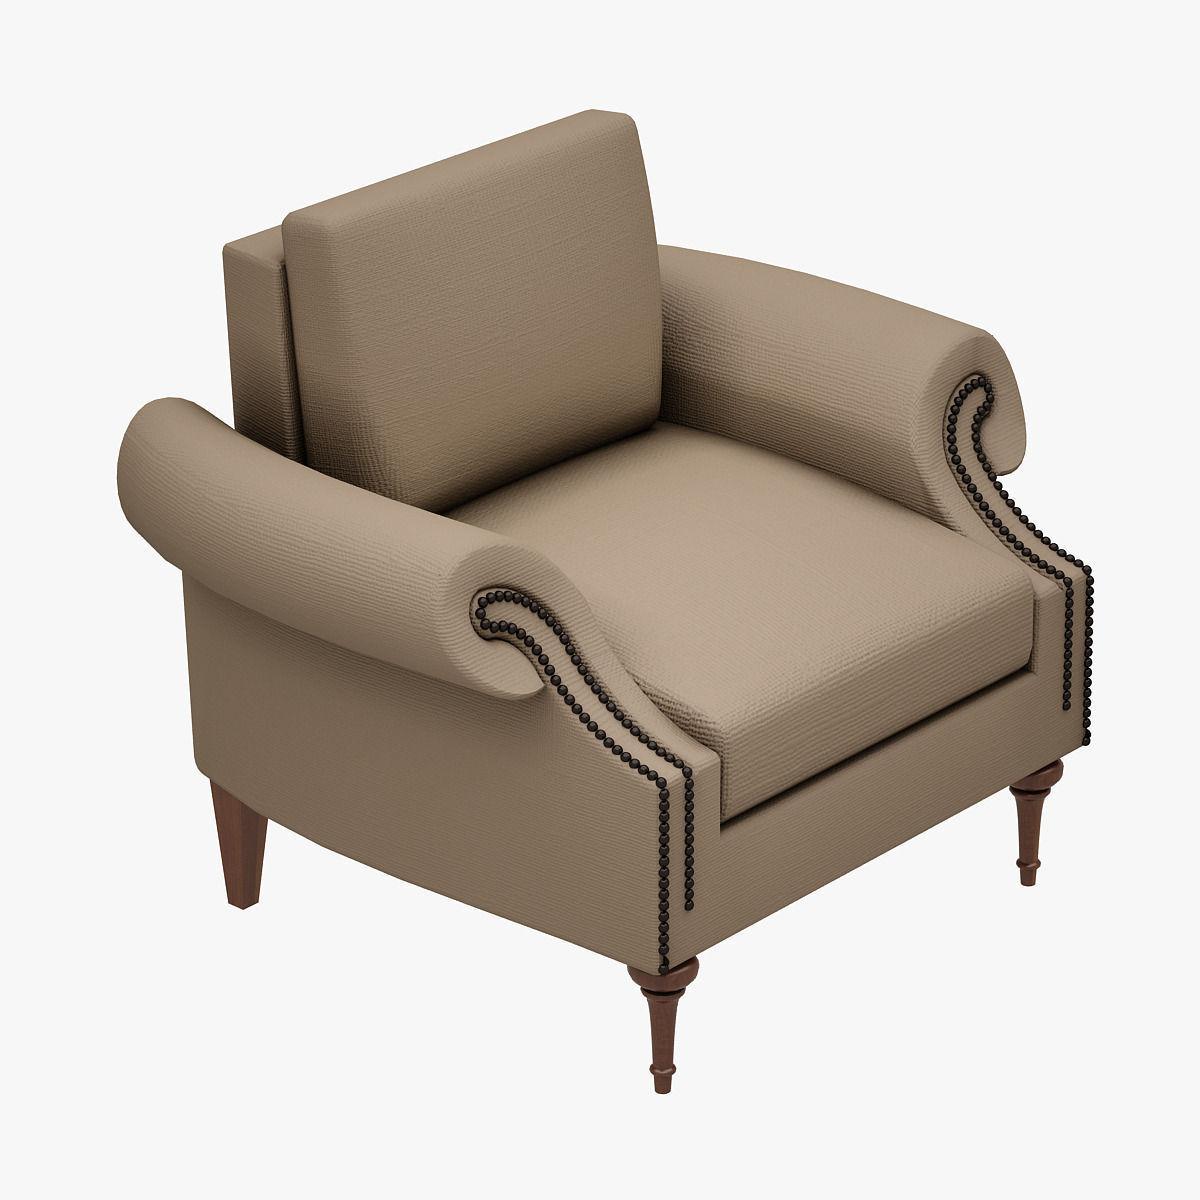 Sofa 009 3D | CGTrader